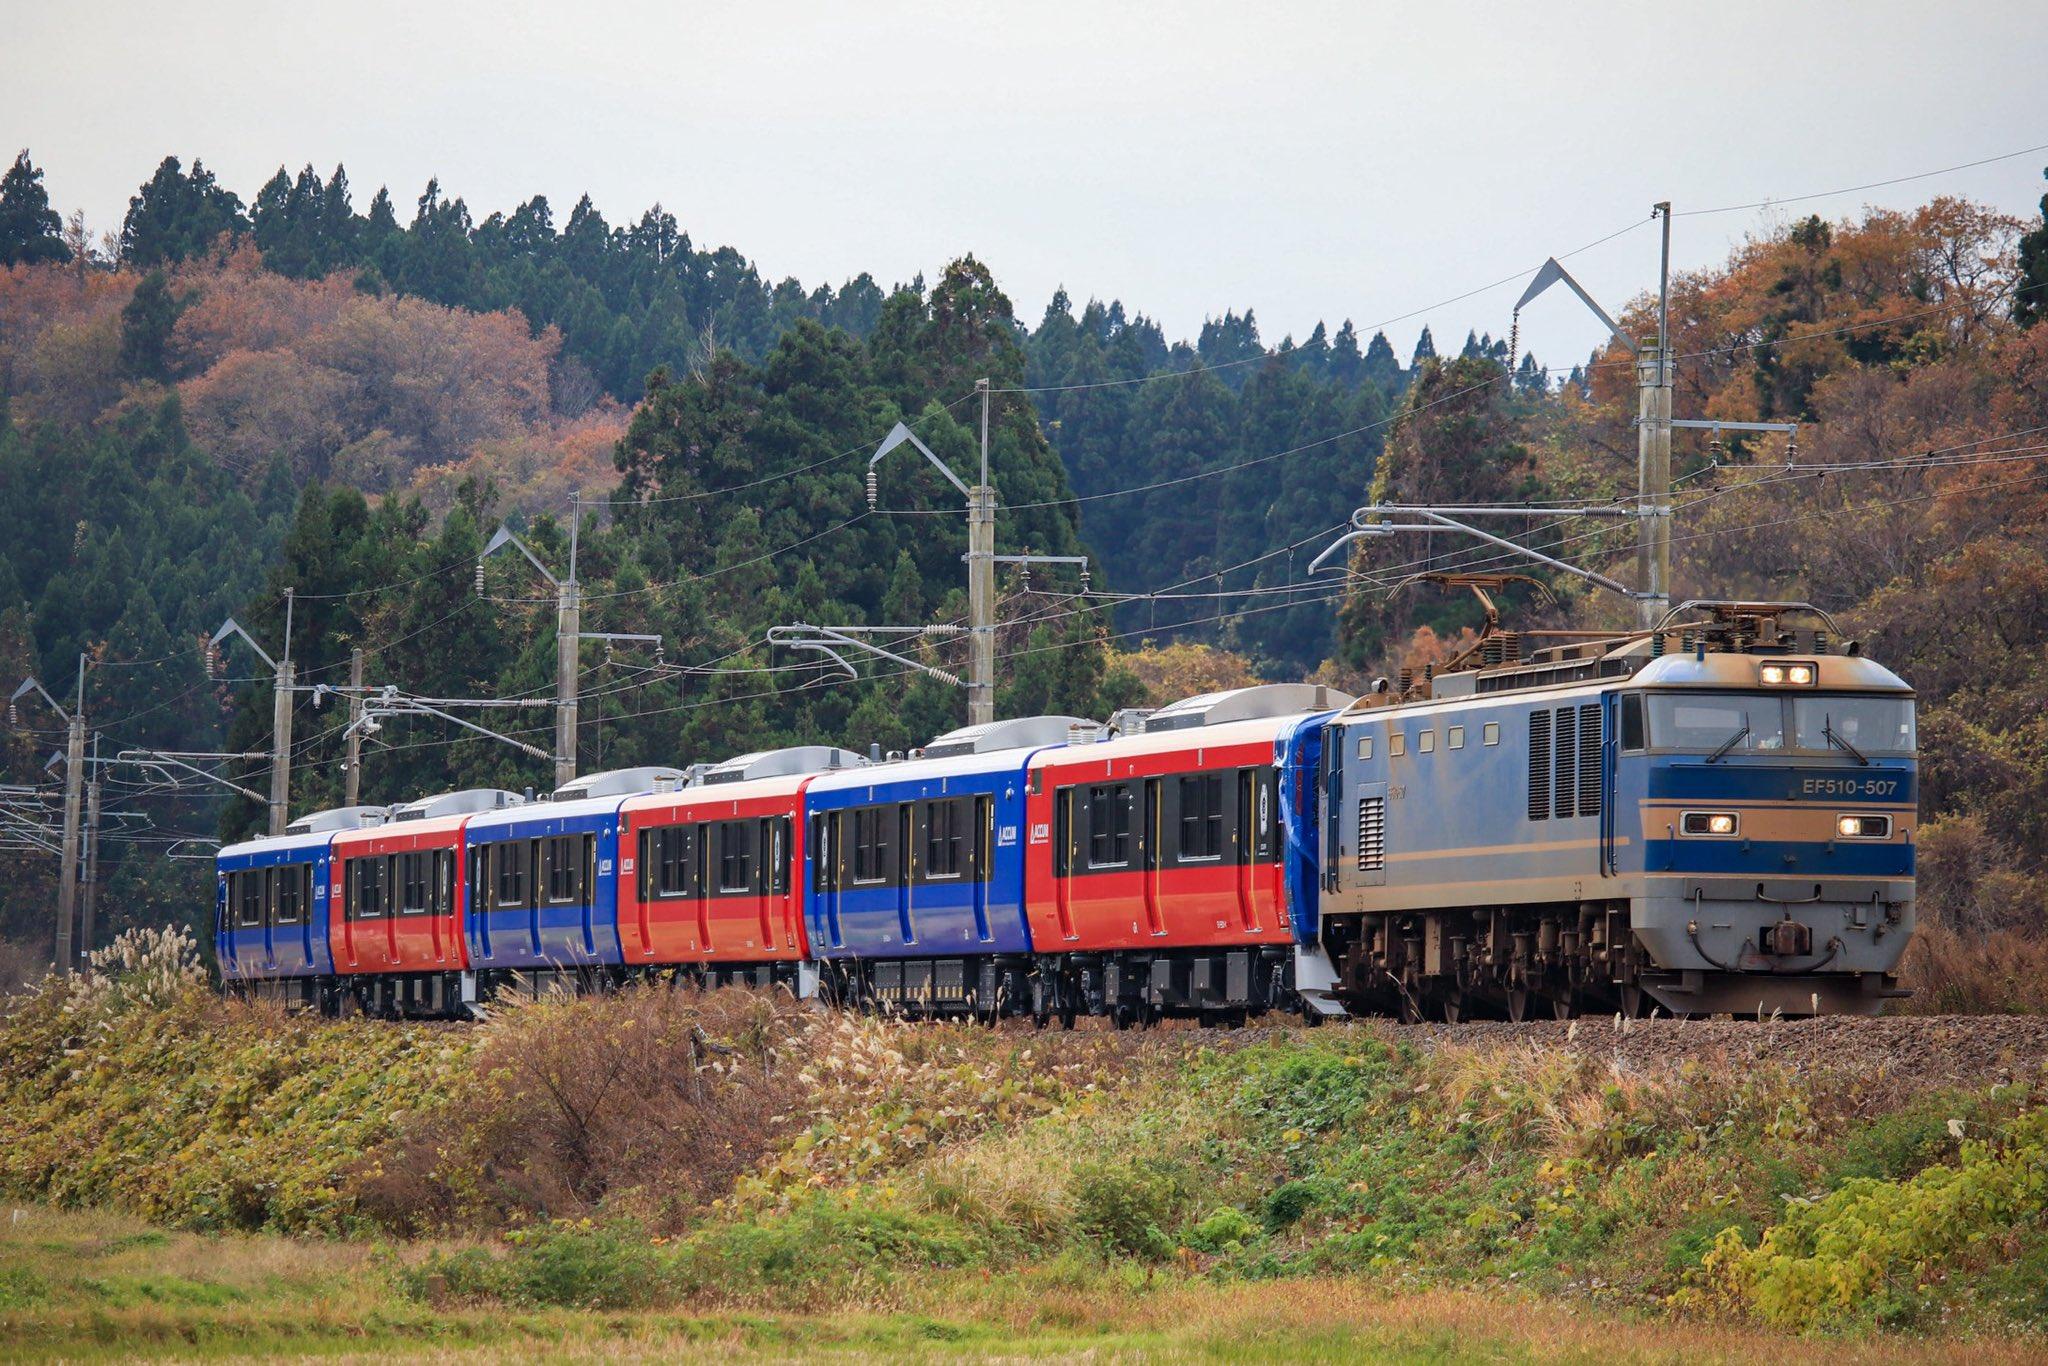 【男鹿線】EV-E801系(ACCUM)G4~G6編成甲種輸送 キハ40形置き換えのため増備が進む